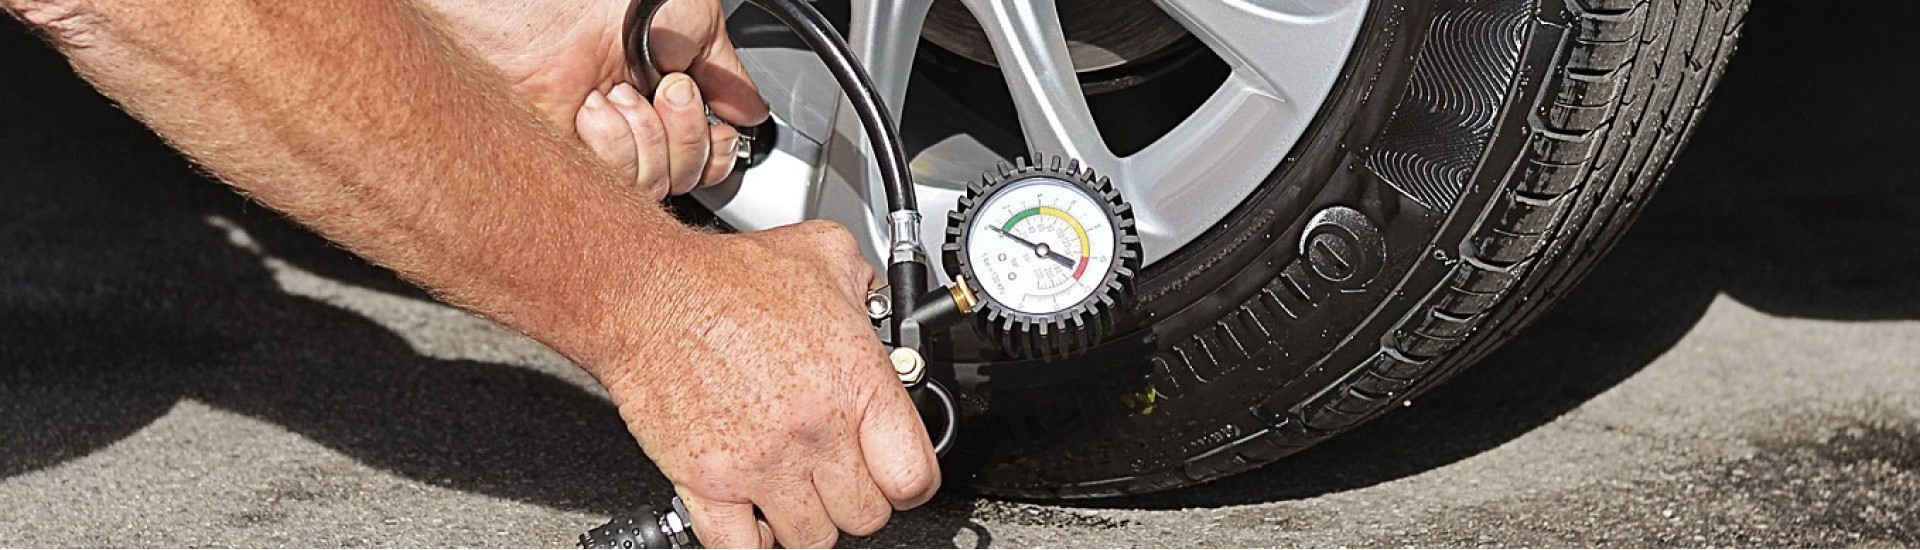 لوازم جانبی رینگ و لاستیک ، wheel tire accessories